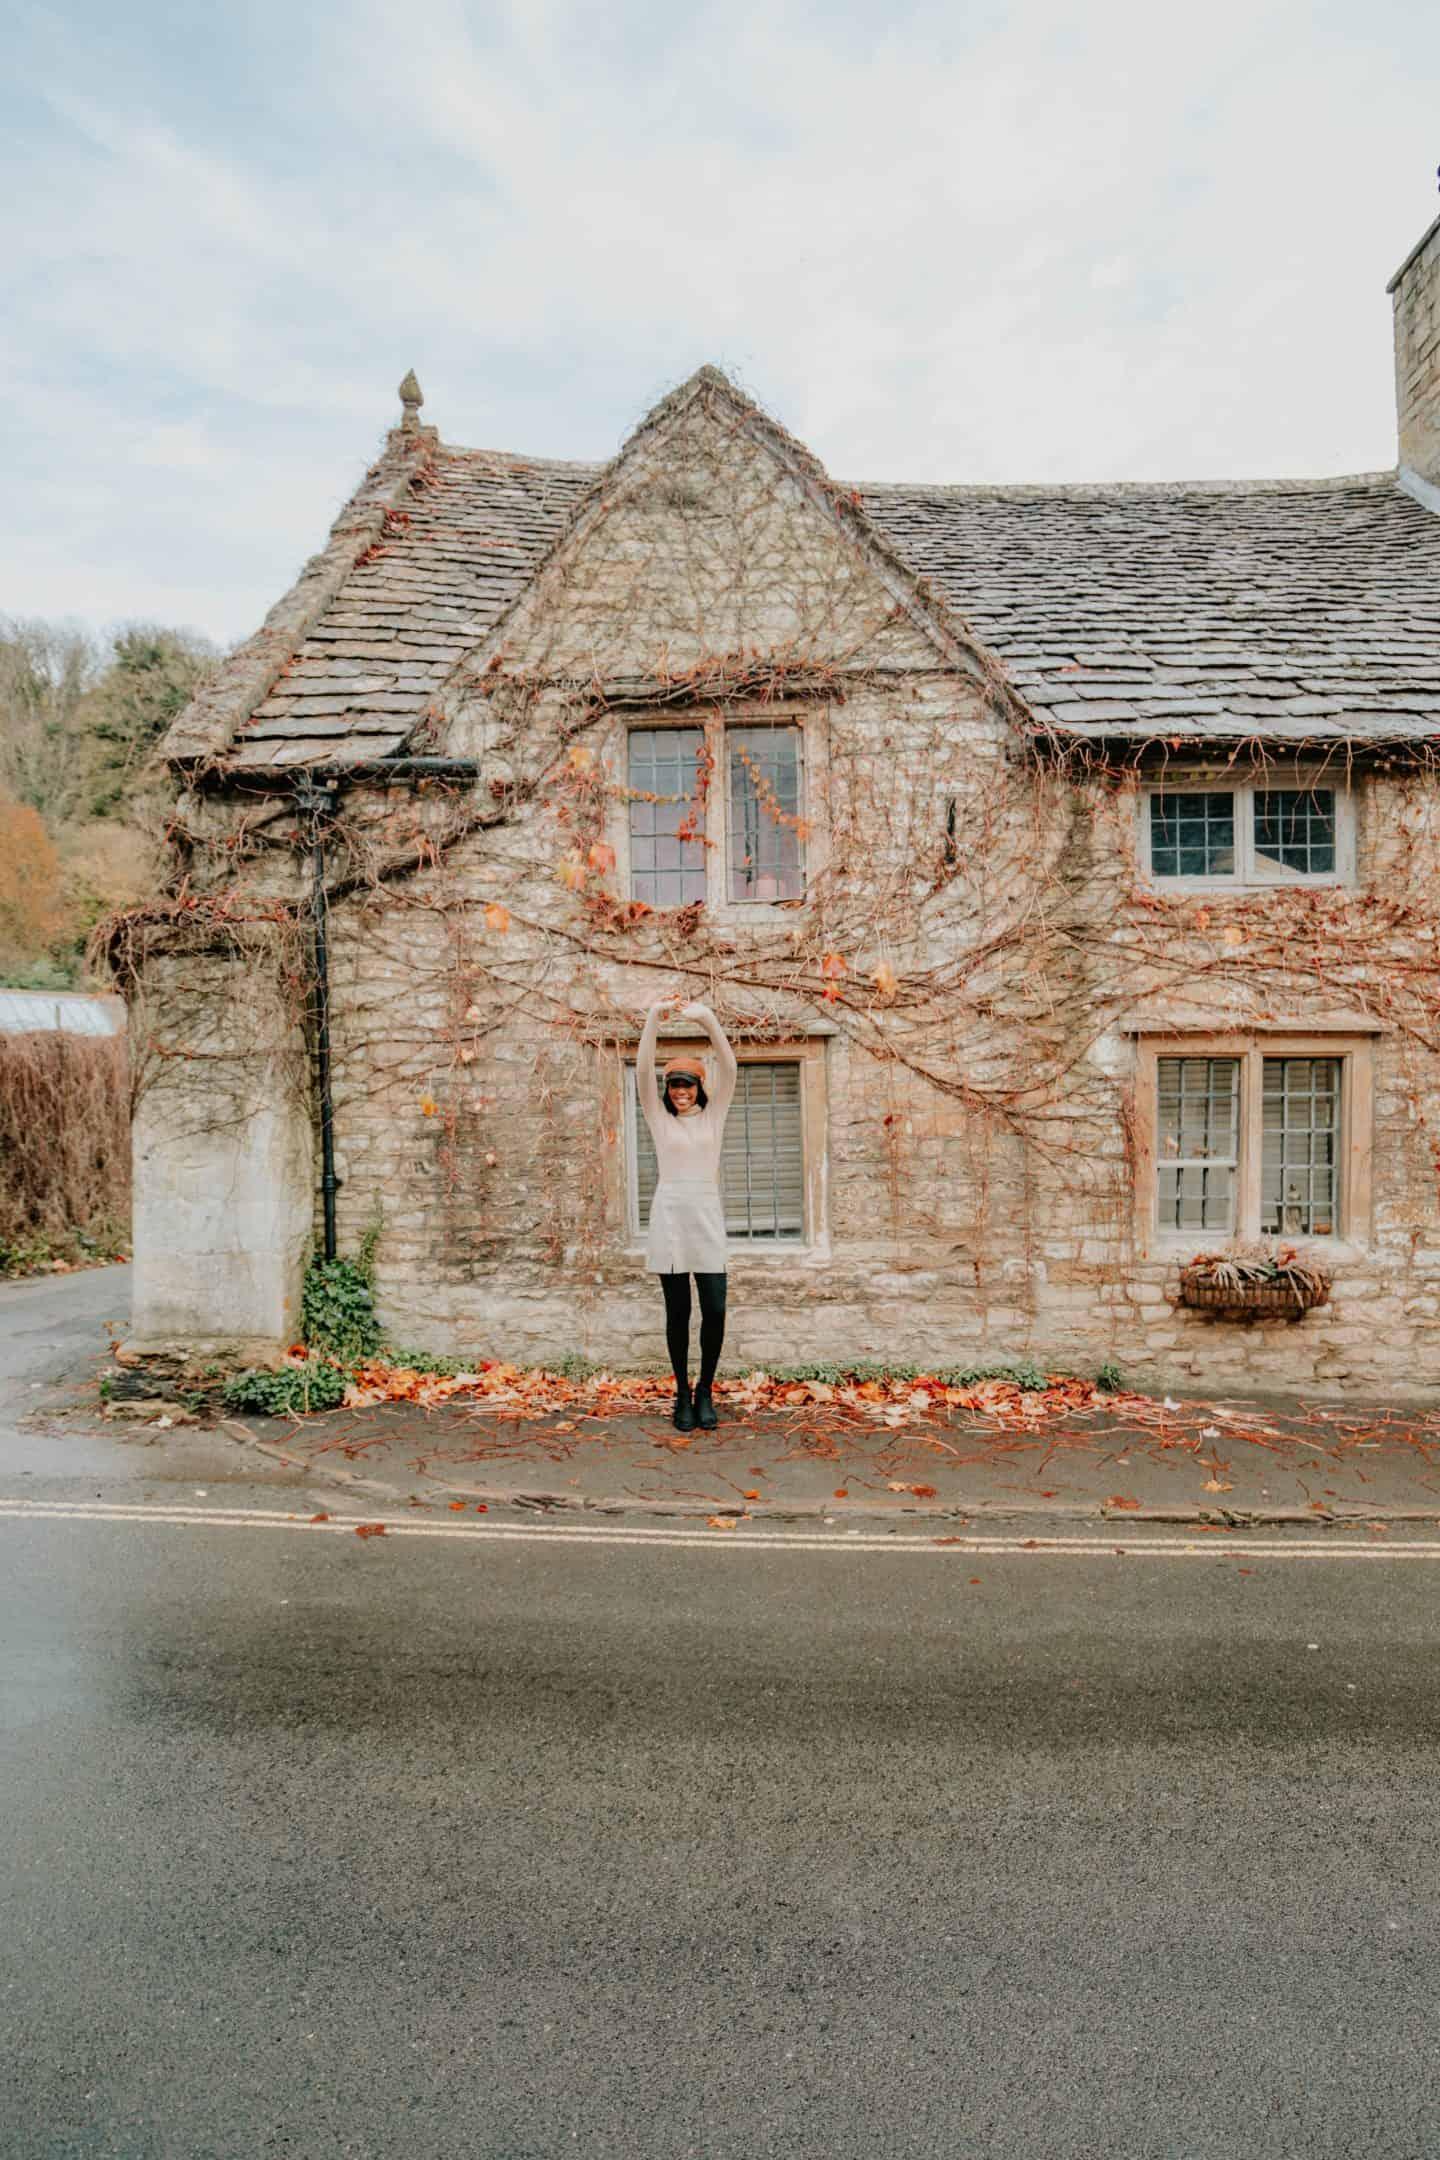 Prettiest Village in England?